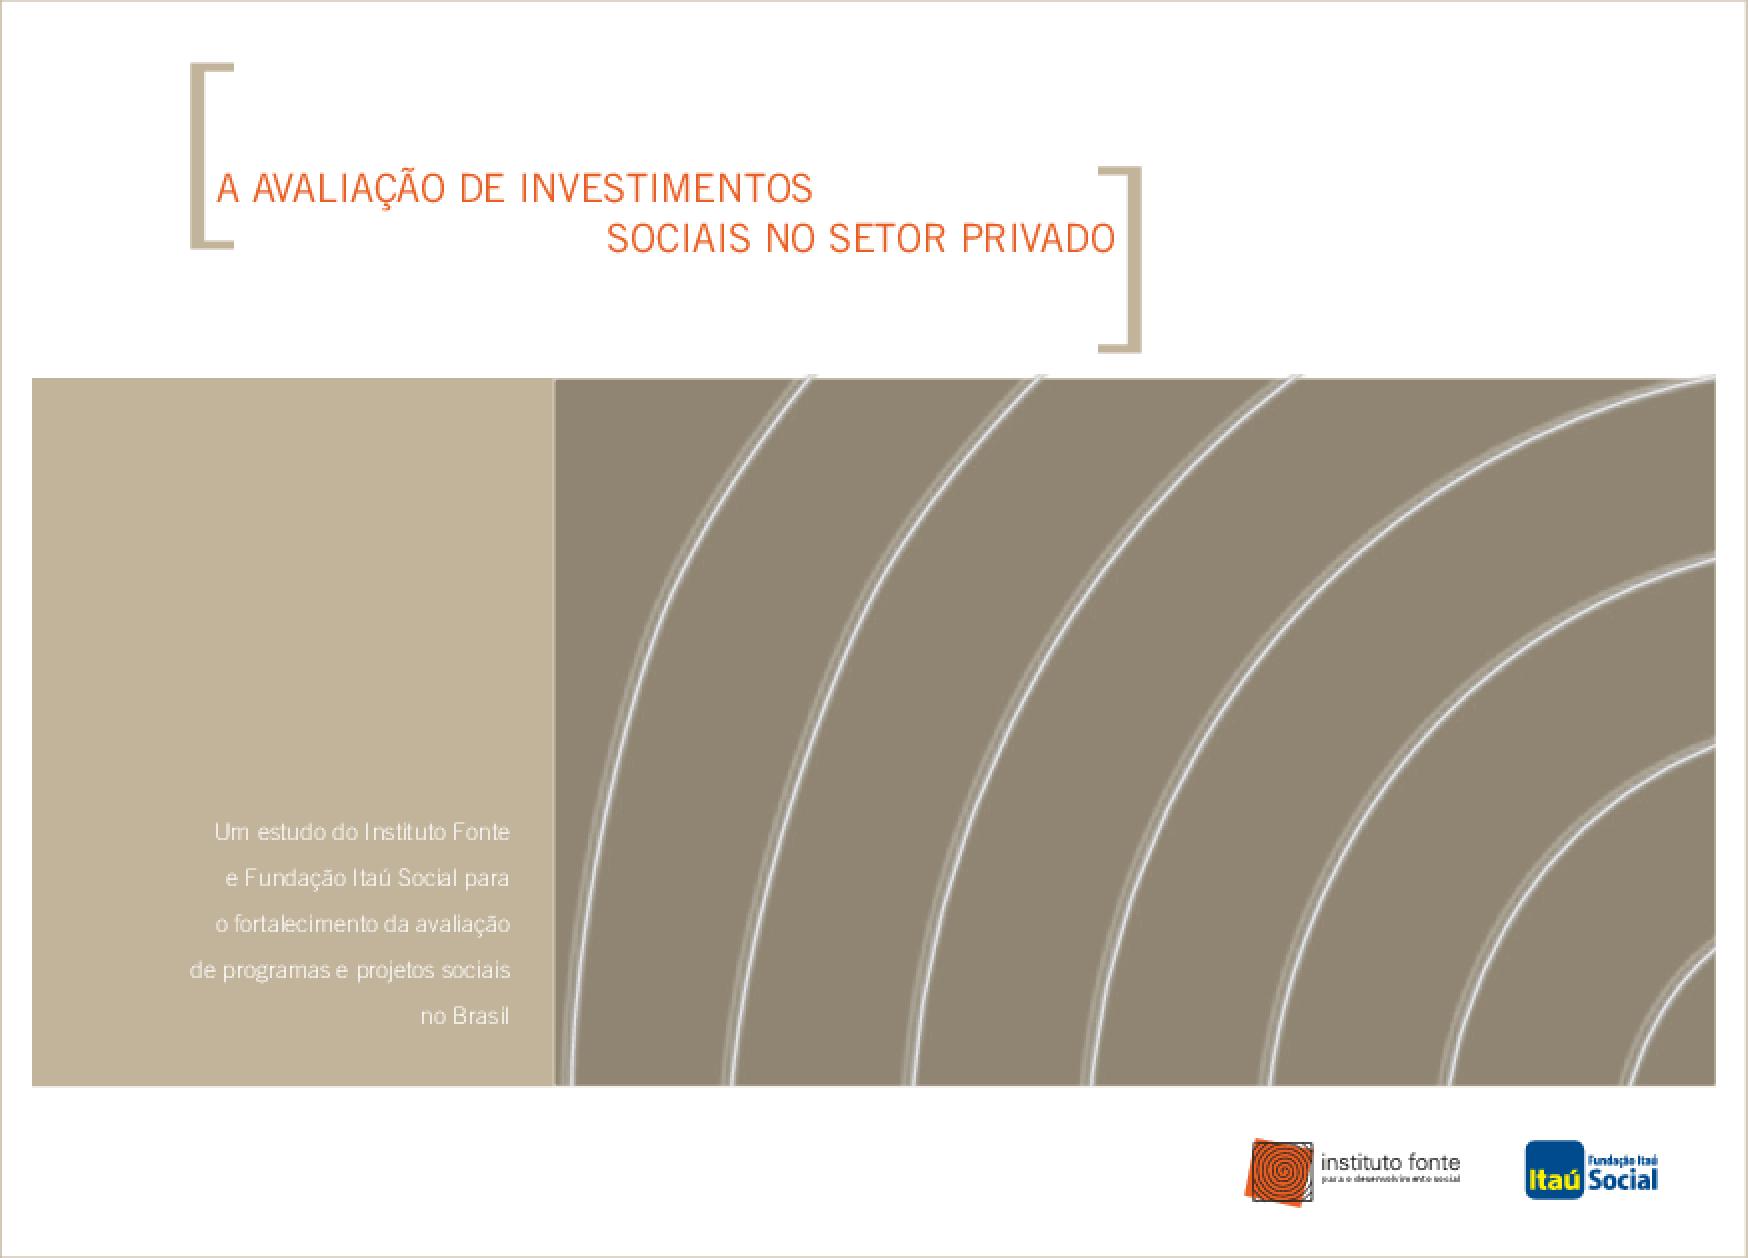 A avaliação de investimentos sociais no setor privado